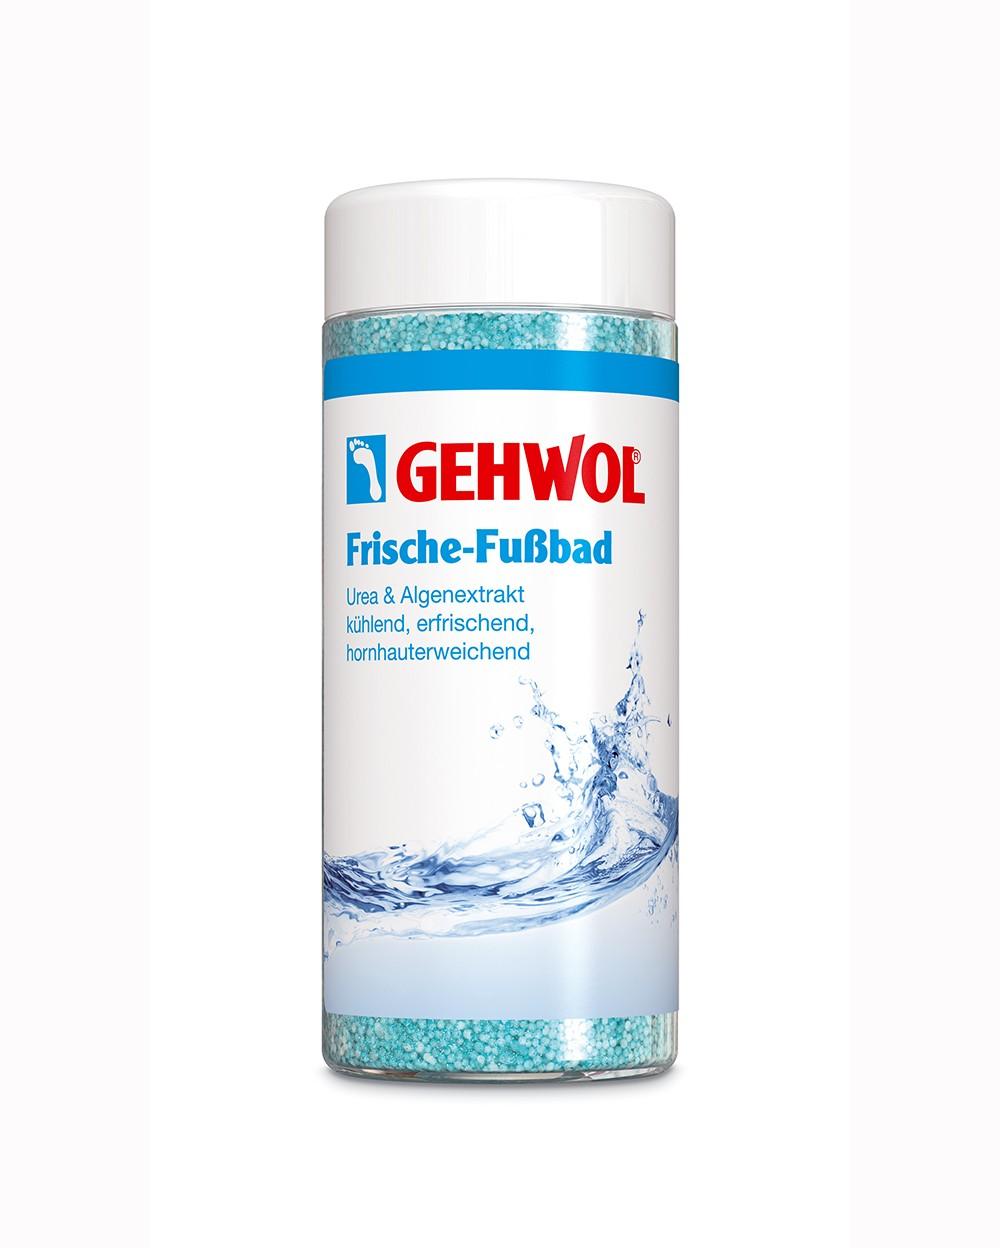 Gehwol Refreshing Foot Bath Освежающая ванна для ног, 330 гFS-00897Освежающая Ванна (Frische-Fussbad) от GEHWOL, оживляющая ноги и обеспечивающая длительную свежесть благодаря содержанию ментола. Средство устраняет неприятный запах ног и интенсивно очищает кожу. Мочевина и экстракт водорослей обеспечивают дополнительную влагу сухой, потрескавшейся коже, смягчает мозоли и рубцы. При регулярном использовании, ноги надолго остаются здоровыми и ухоженными.Освежающая Ванна придает ногам свежесть и охлаждает их. Новая ванна , которую представила марка «Геволь» состоит из гранул, по консистенции почти как порошок, поэтому может легко дозироваться. Рекомедуется для ухода за диабетической стопой.